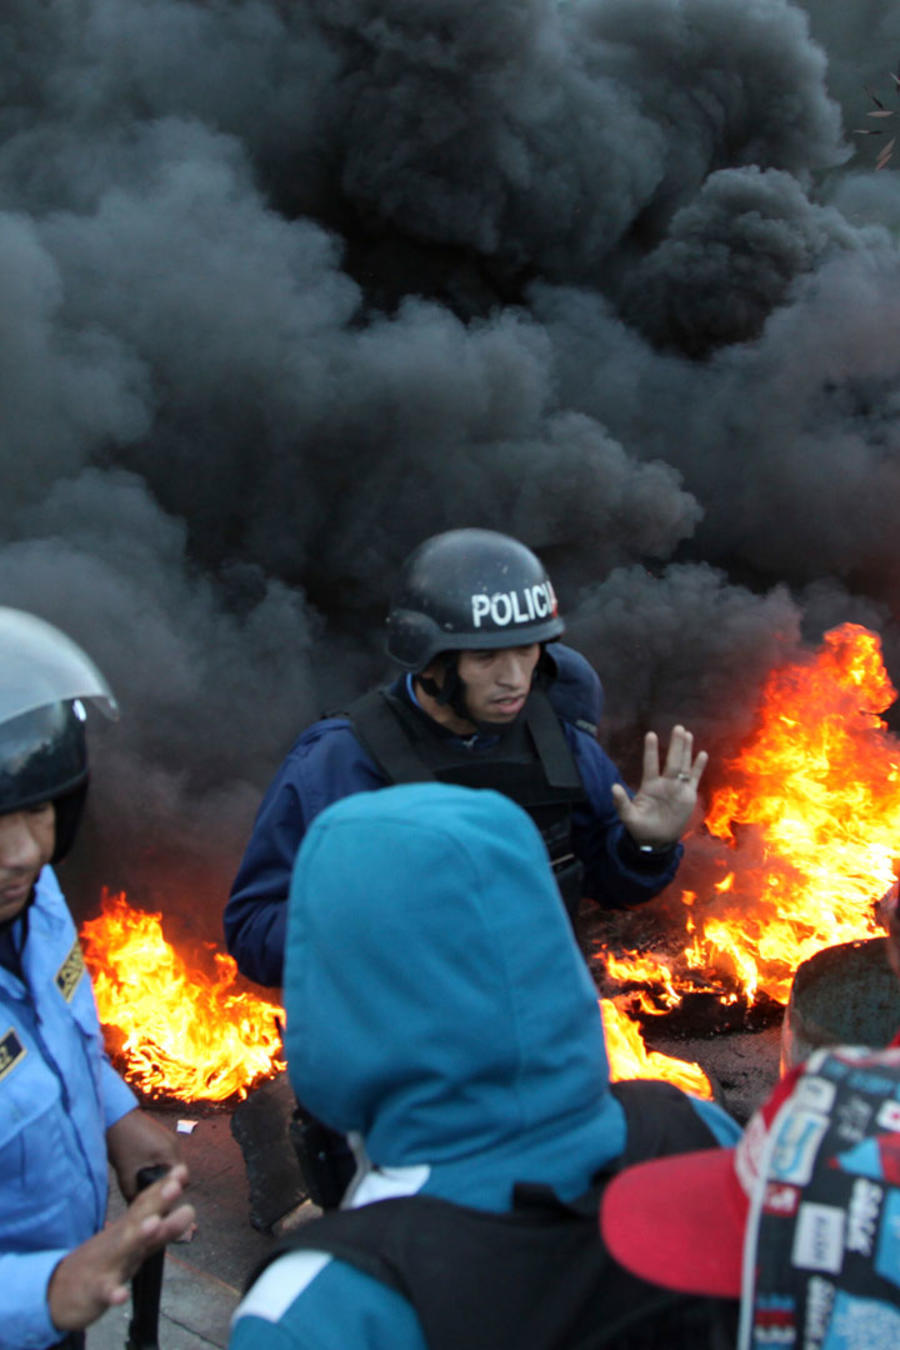 La policía intenta controlar las manifestaciones violentas en Honduras